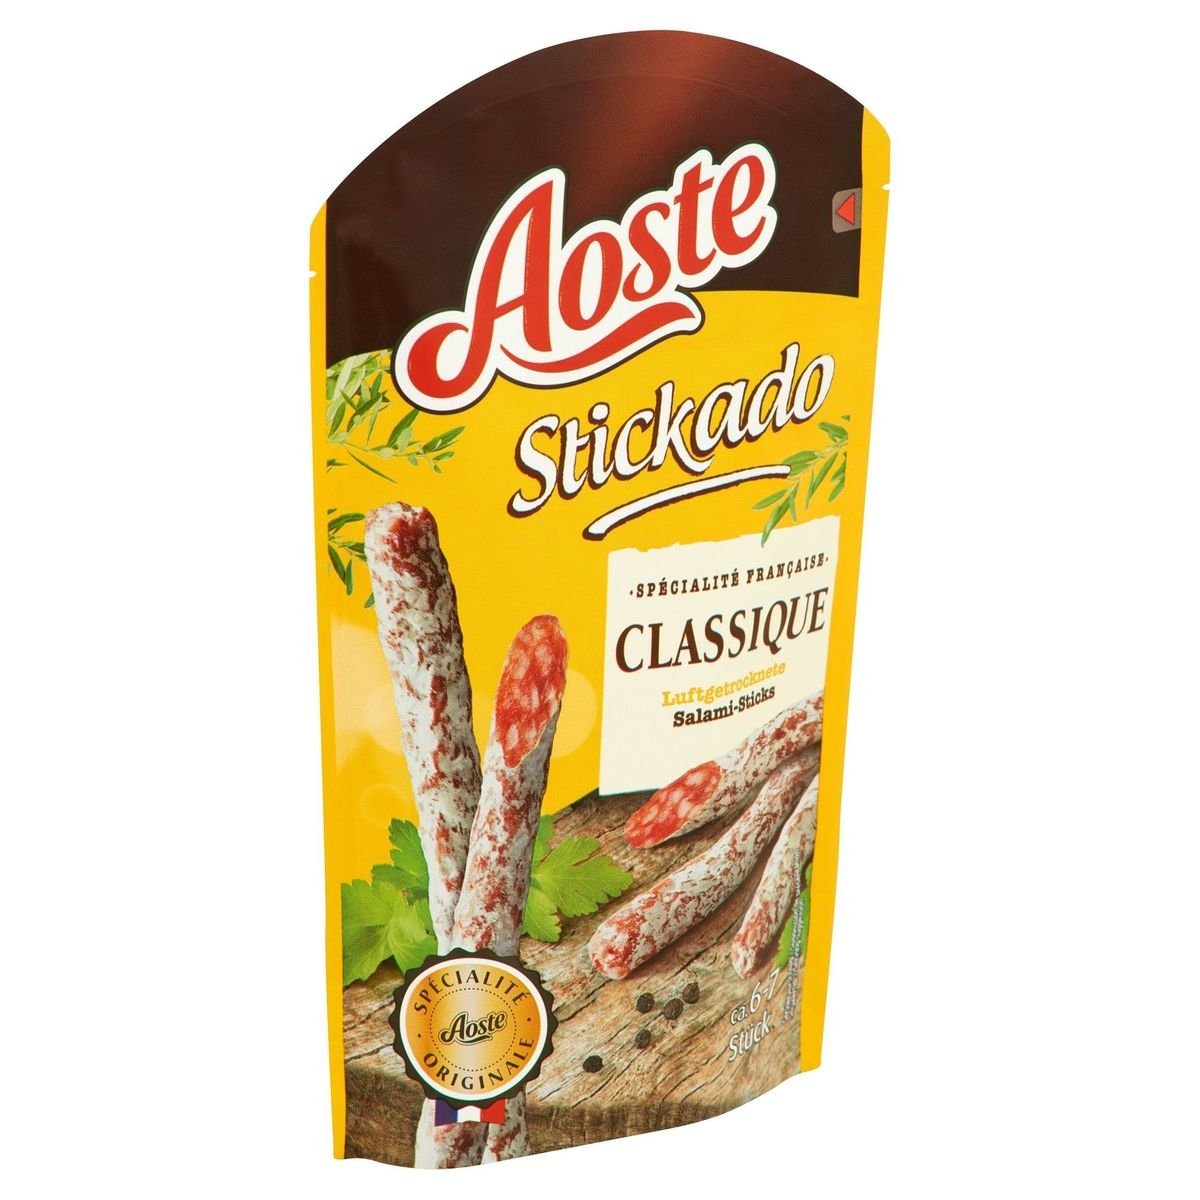 Aoste Stickado Classique Salami-Sticks 70 g